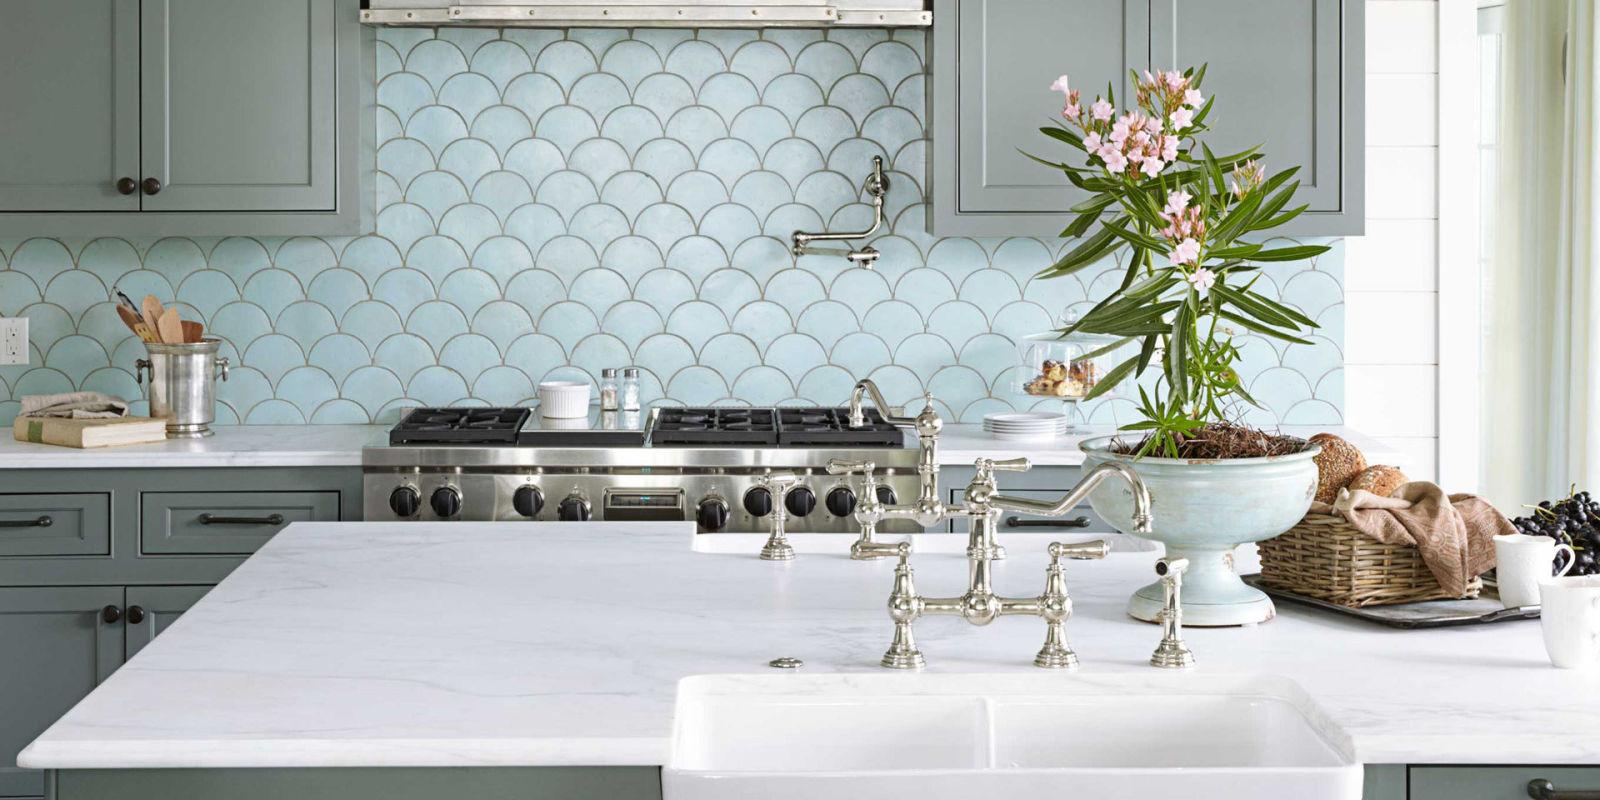 Płytki w kształcie rybiej łuski w kuchni